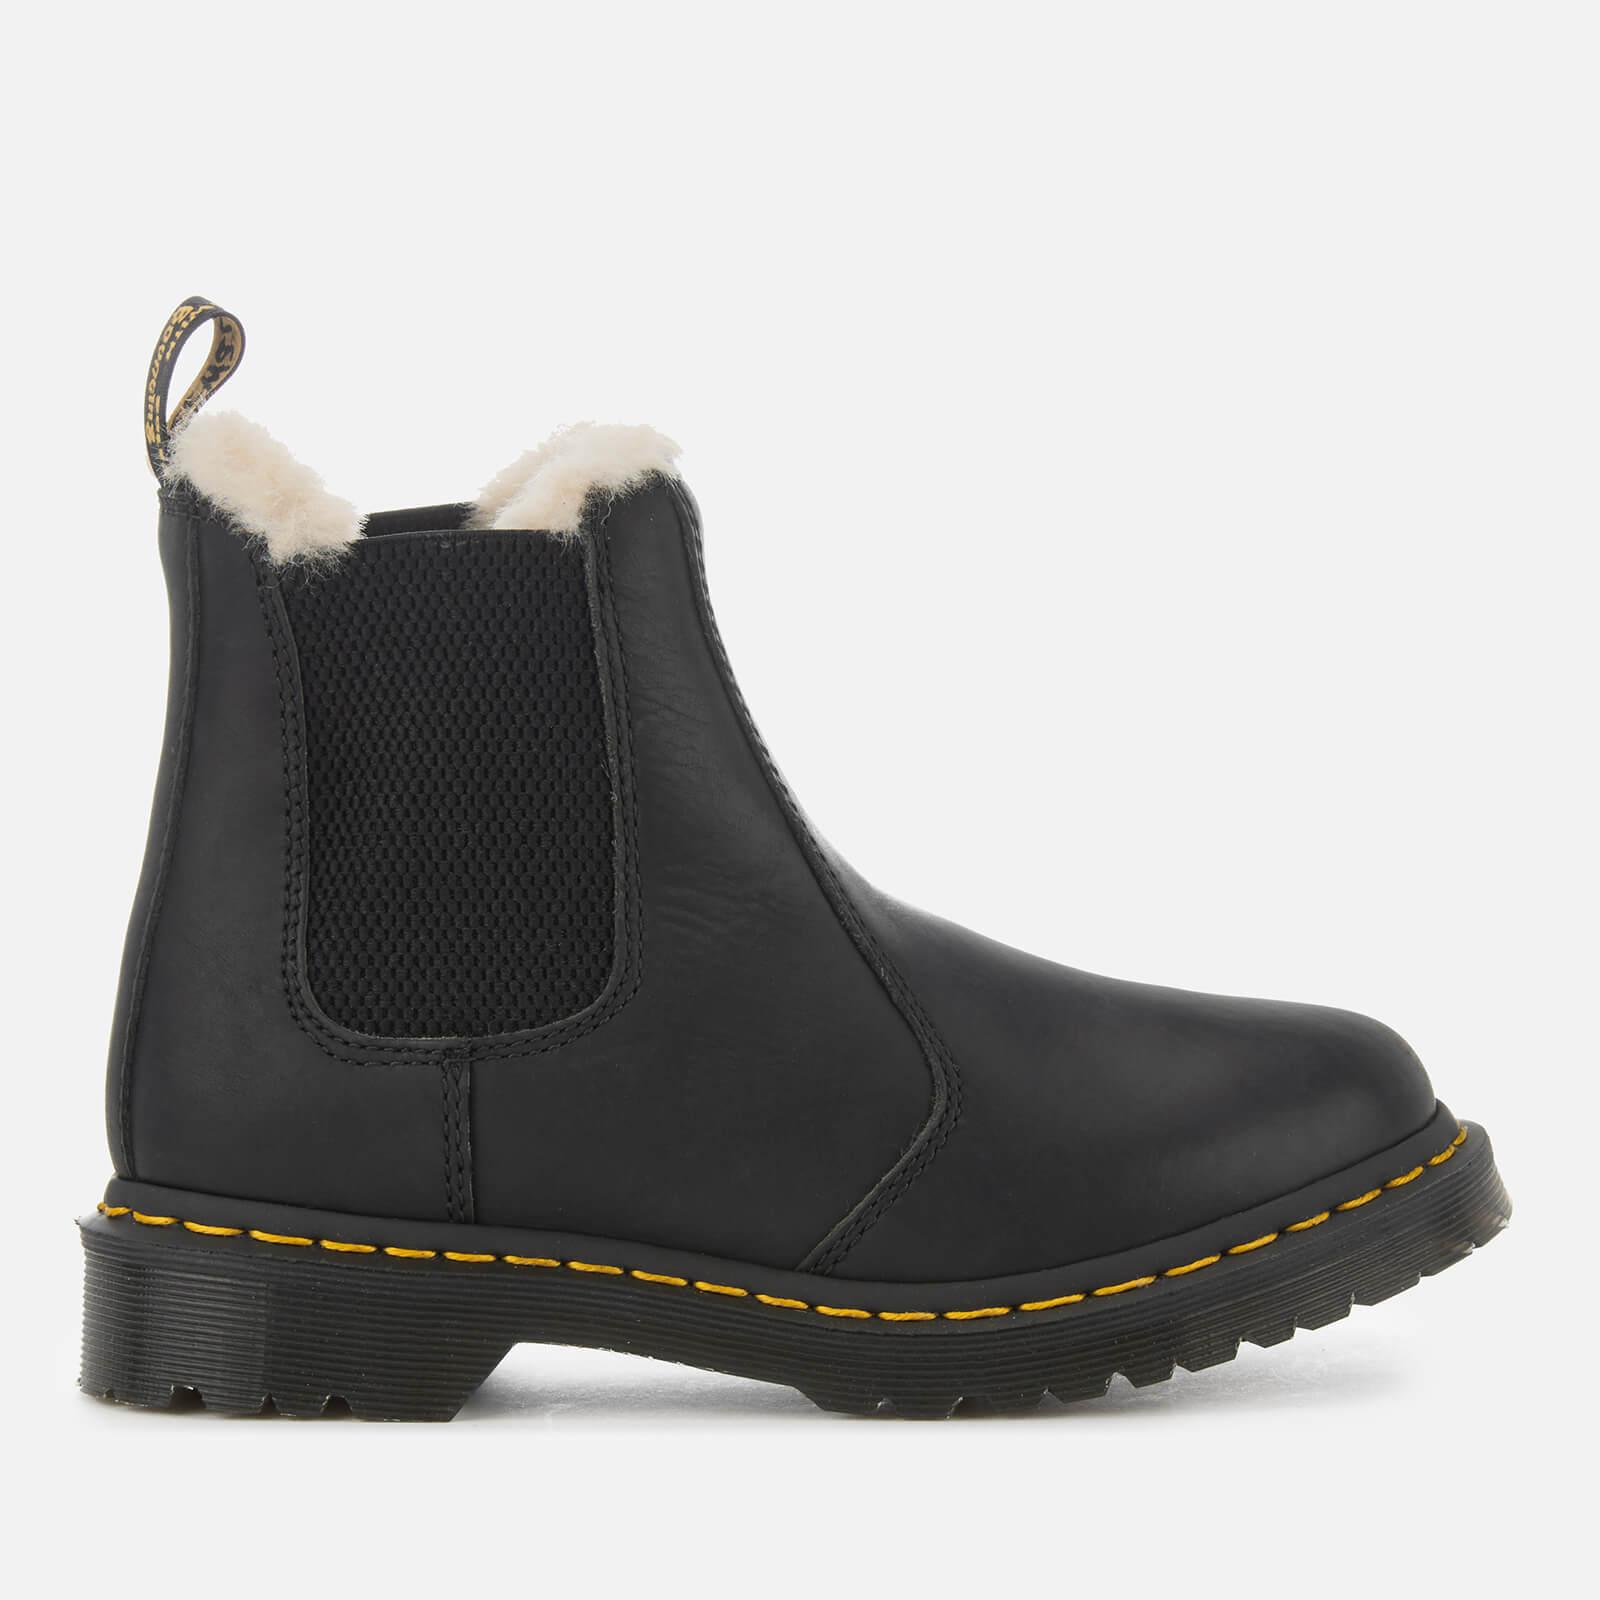 Dr. Martens Women's 2976 Leonore Faux Fur Lined Chelsea Boots - Black - UK 4 - Black